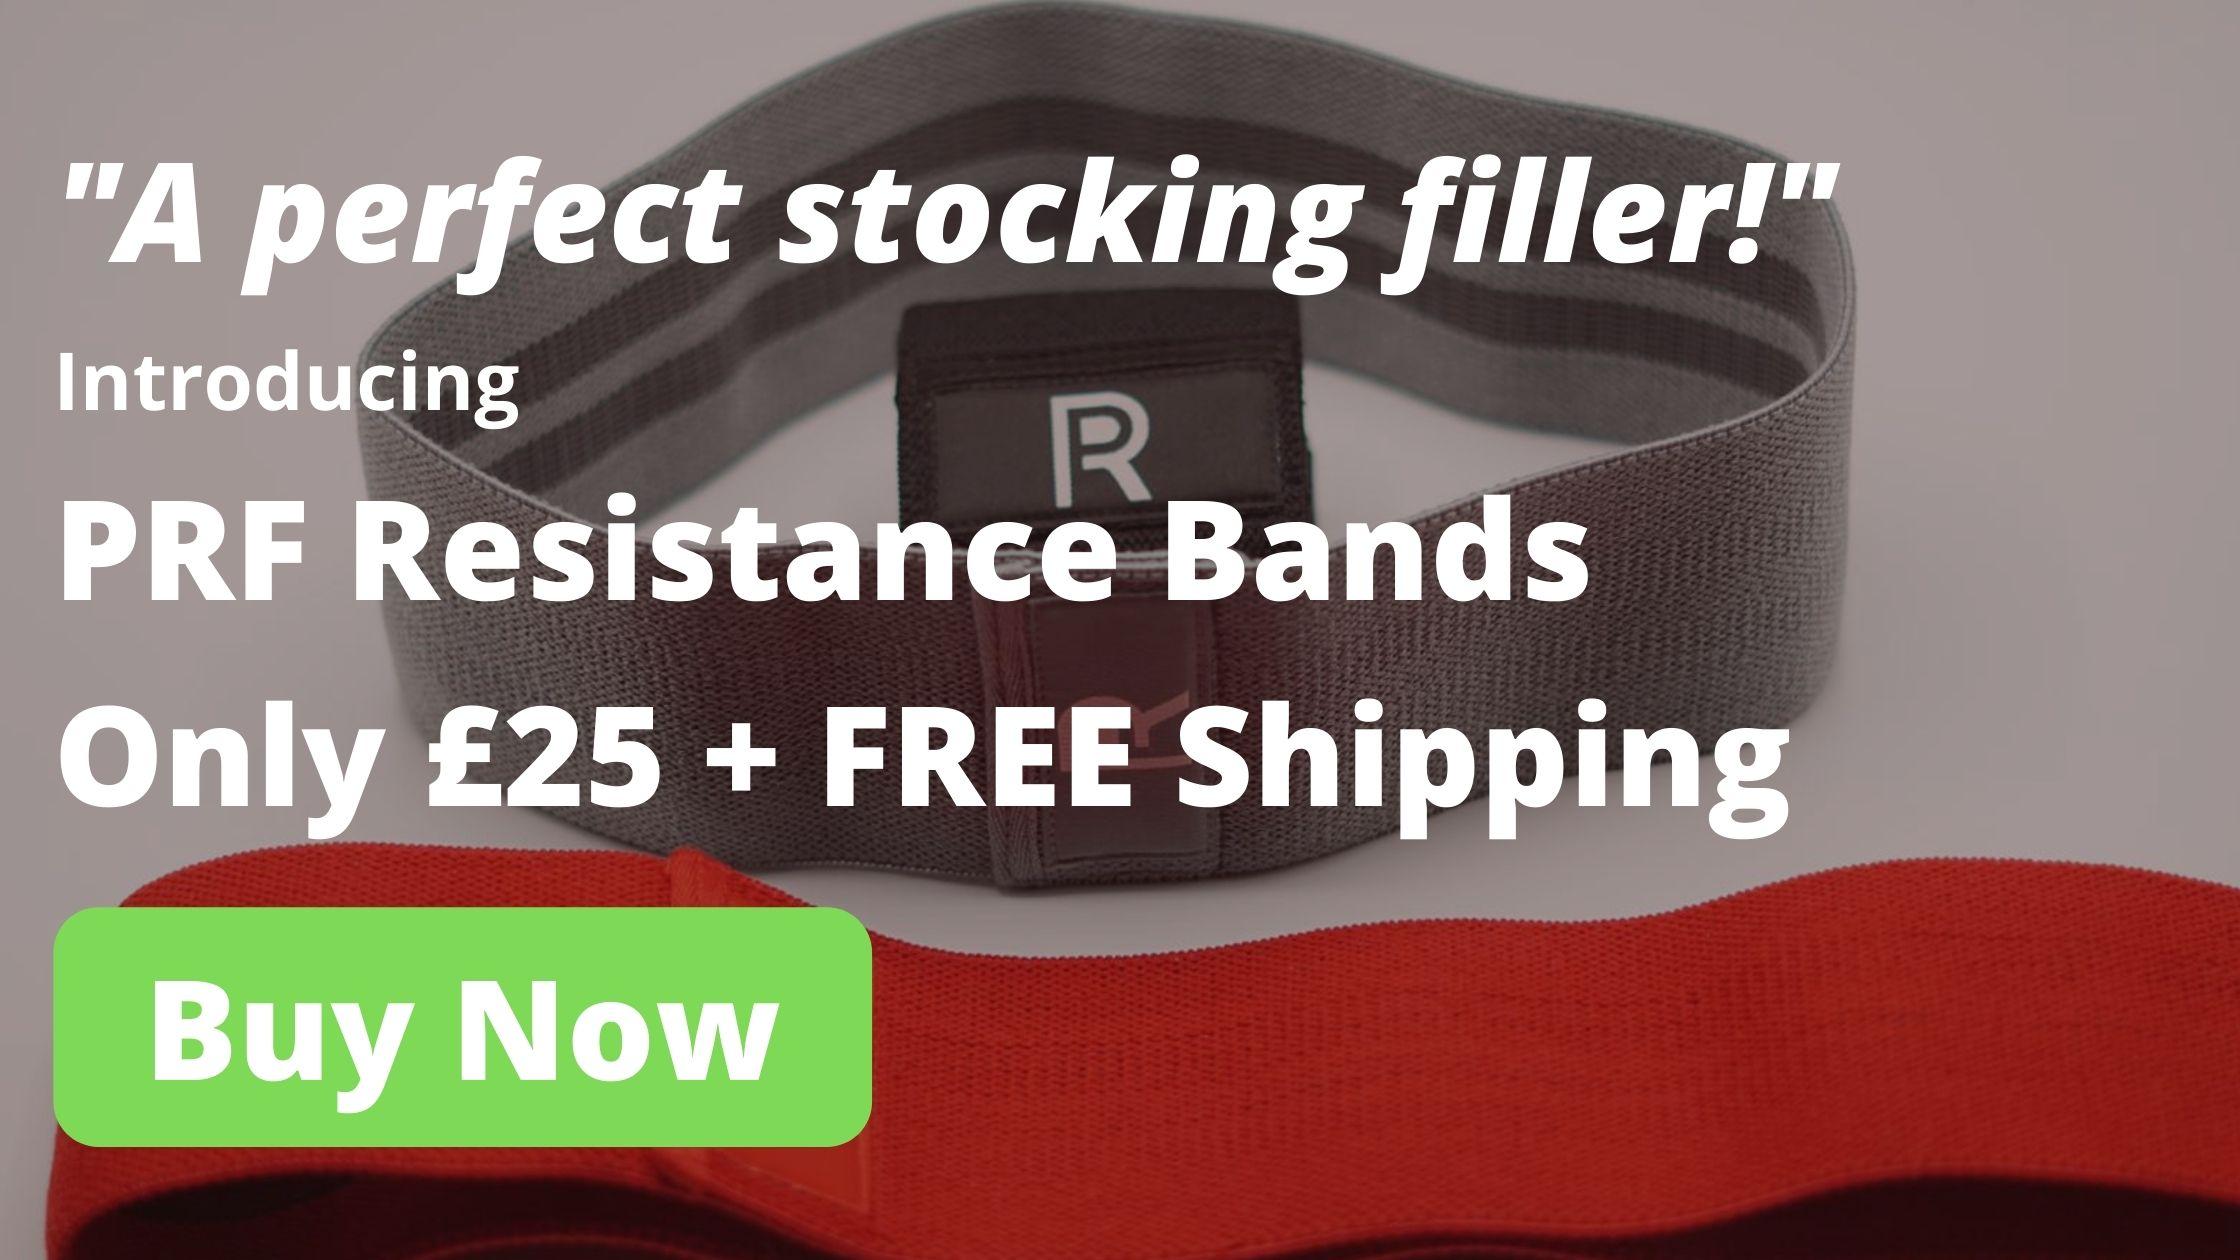 PRF Resistance Bands